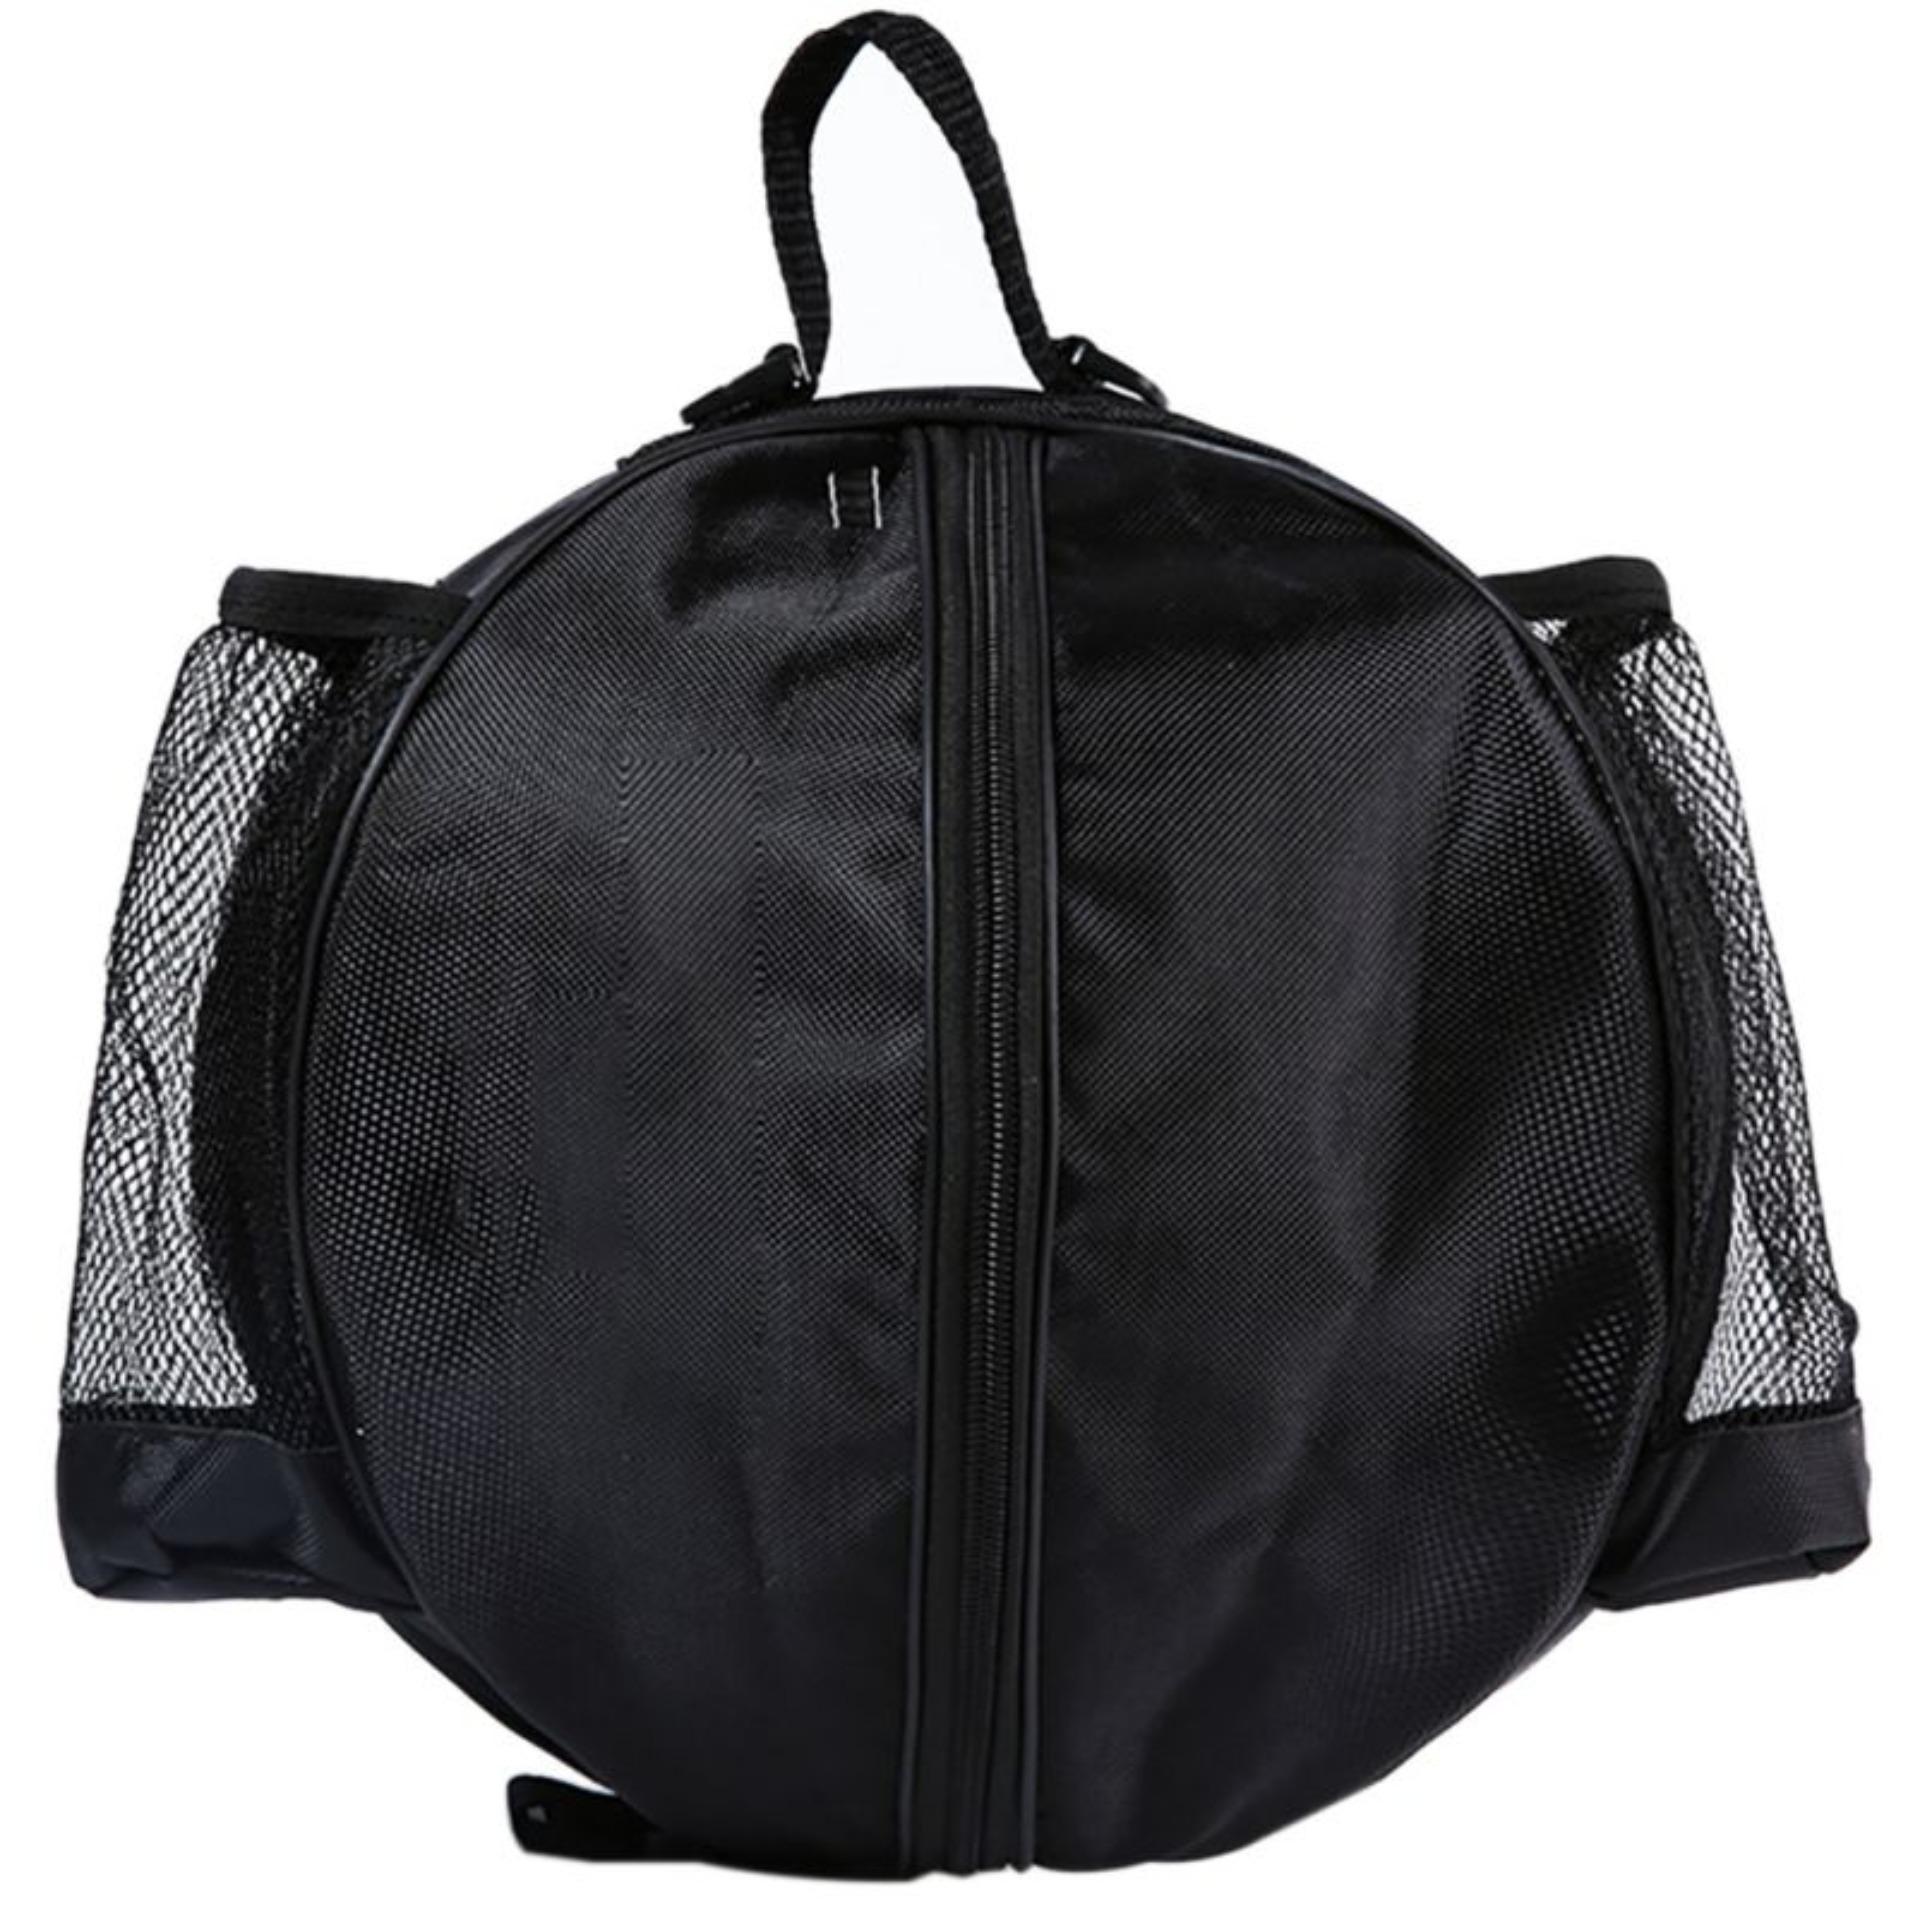 Túi đựng bóng rổ, có ngăn đựng bình nước, ngăn nhỏ đựng phụ kiện chất liệu cao cấp POPO Sports - 1